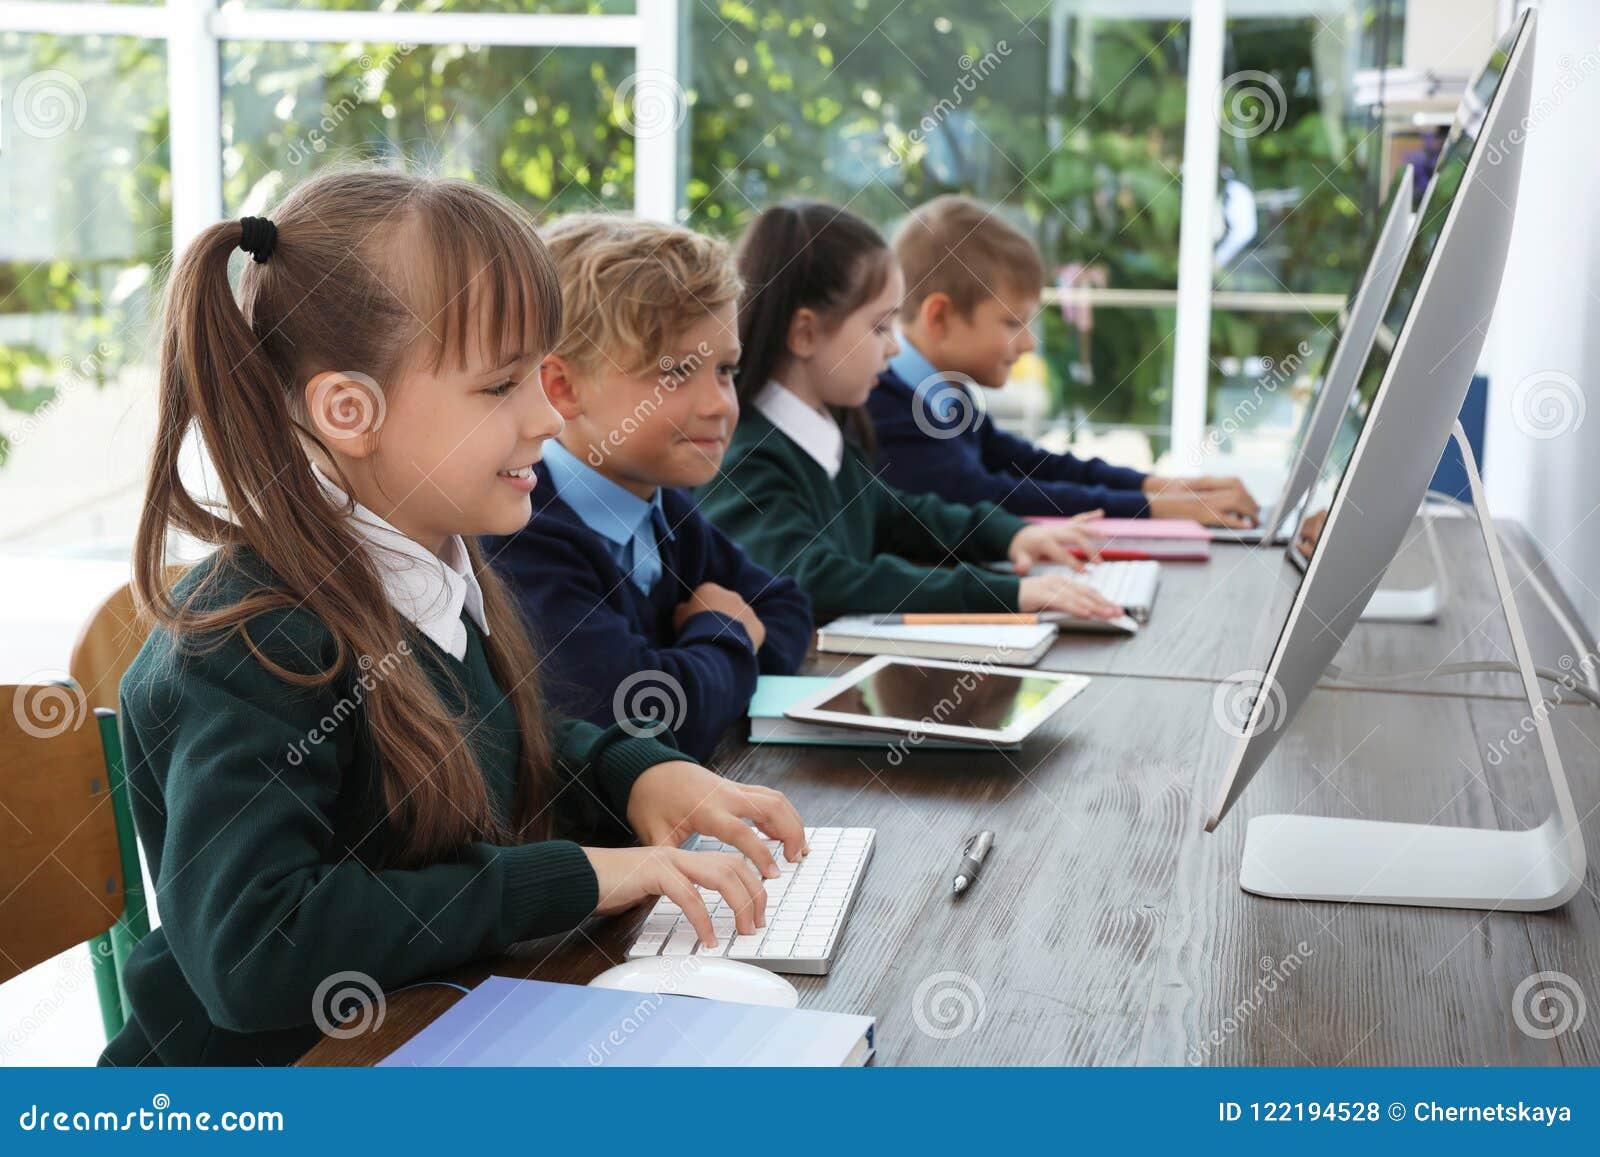 Petits enfants dans l uniforme scolaire élégant aux bureaux